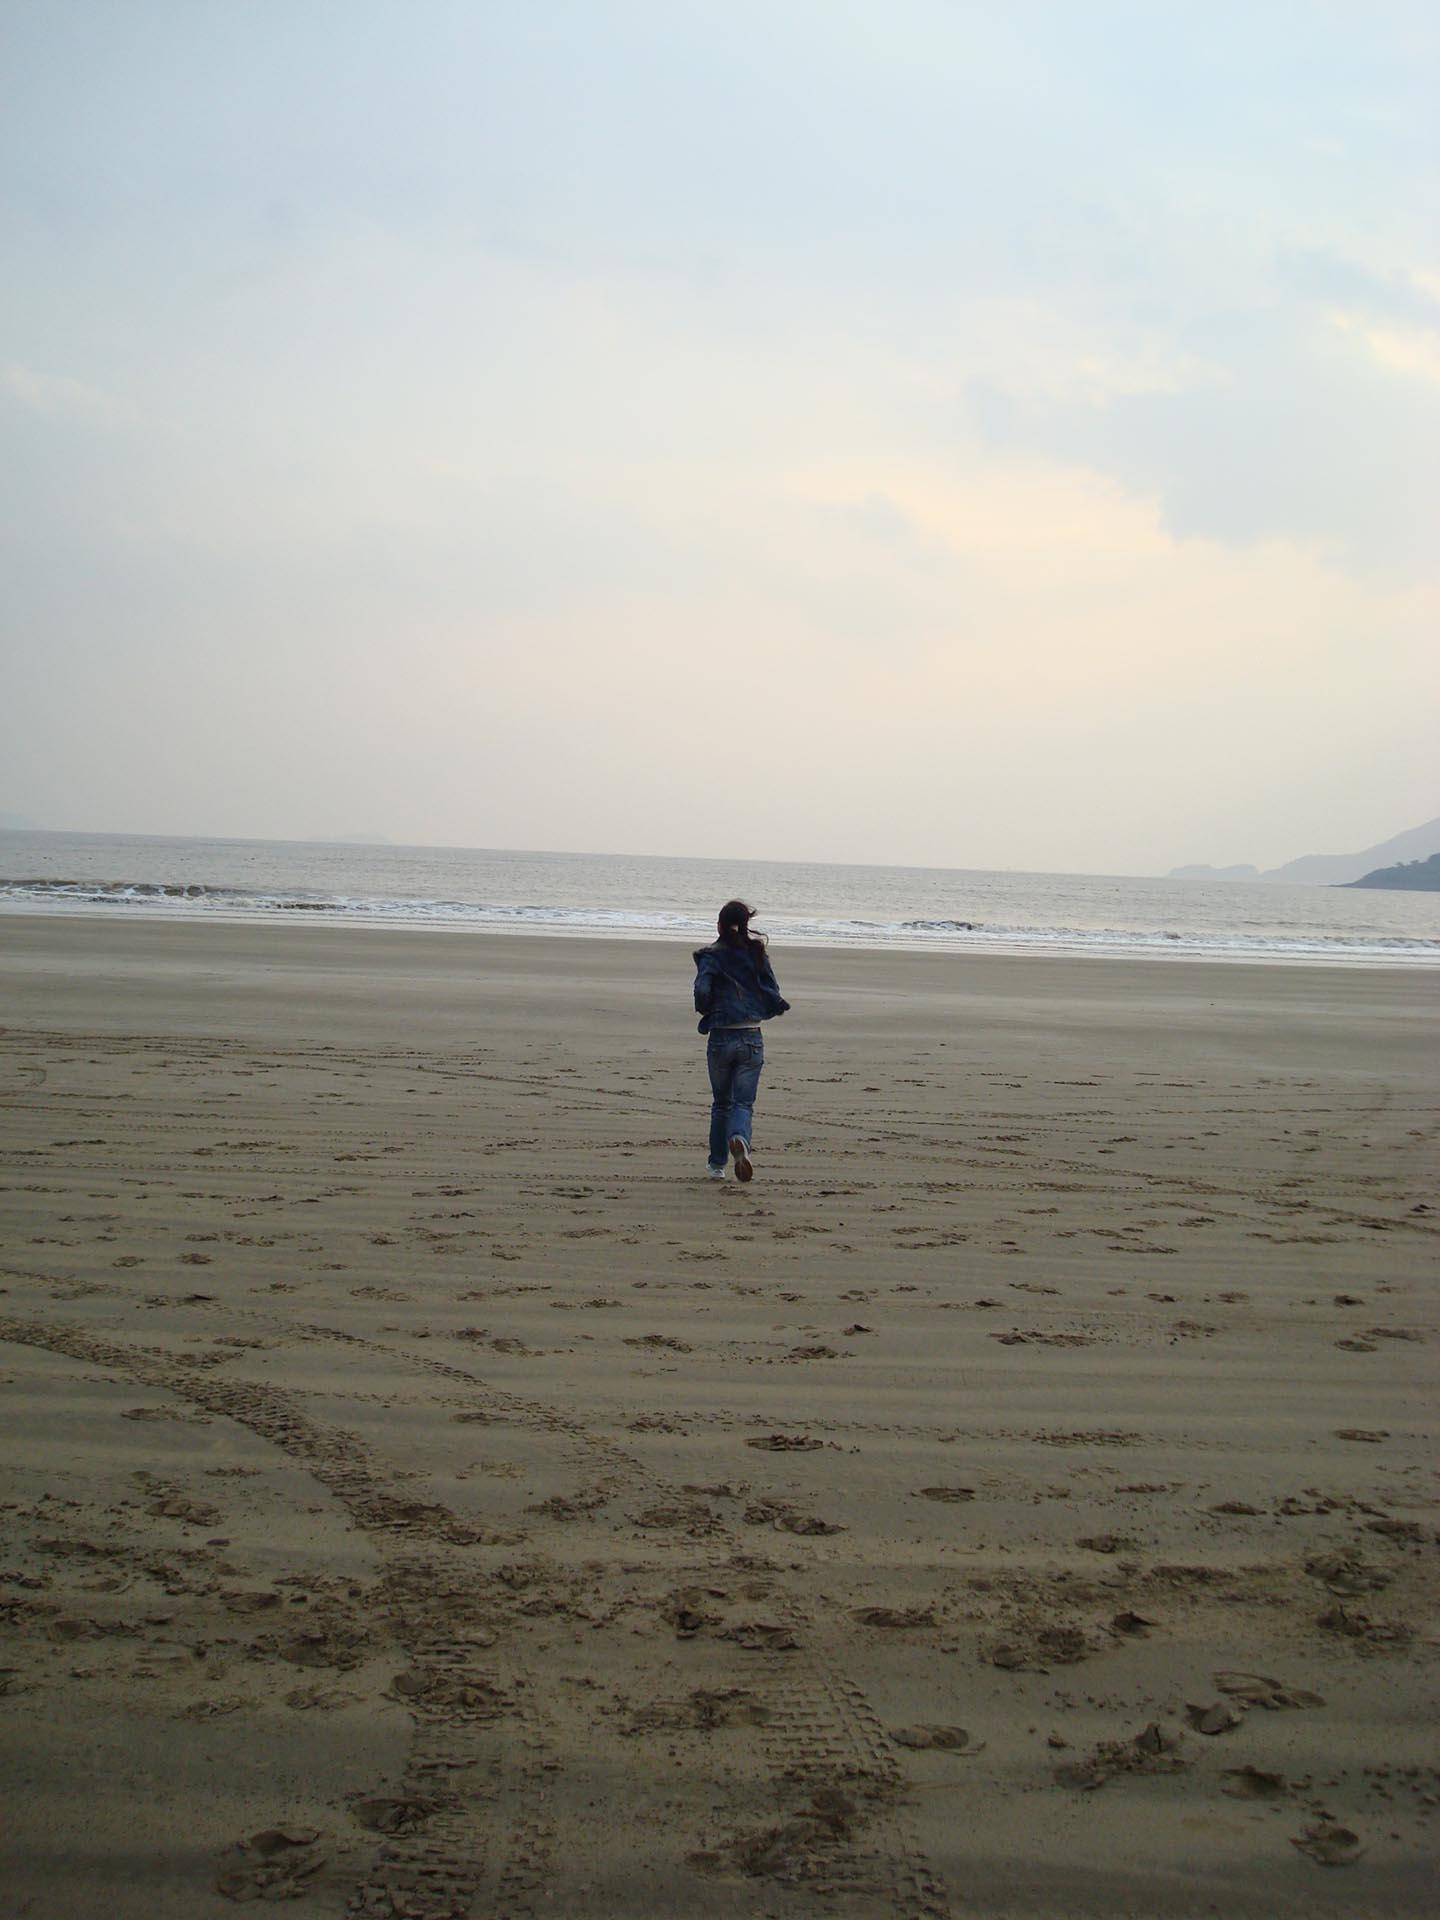 海边的背影